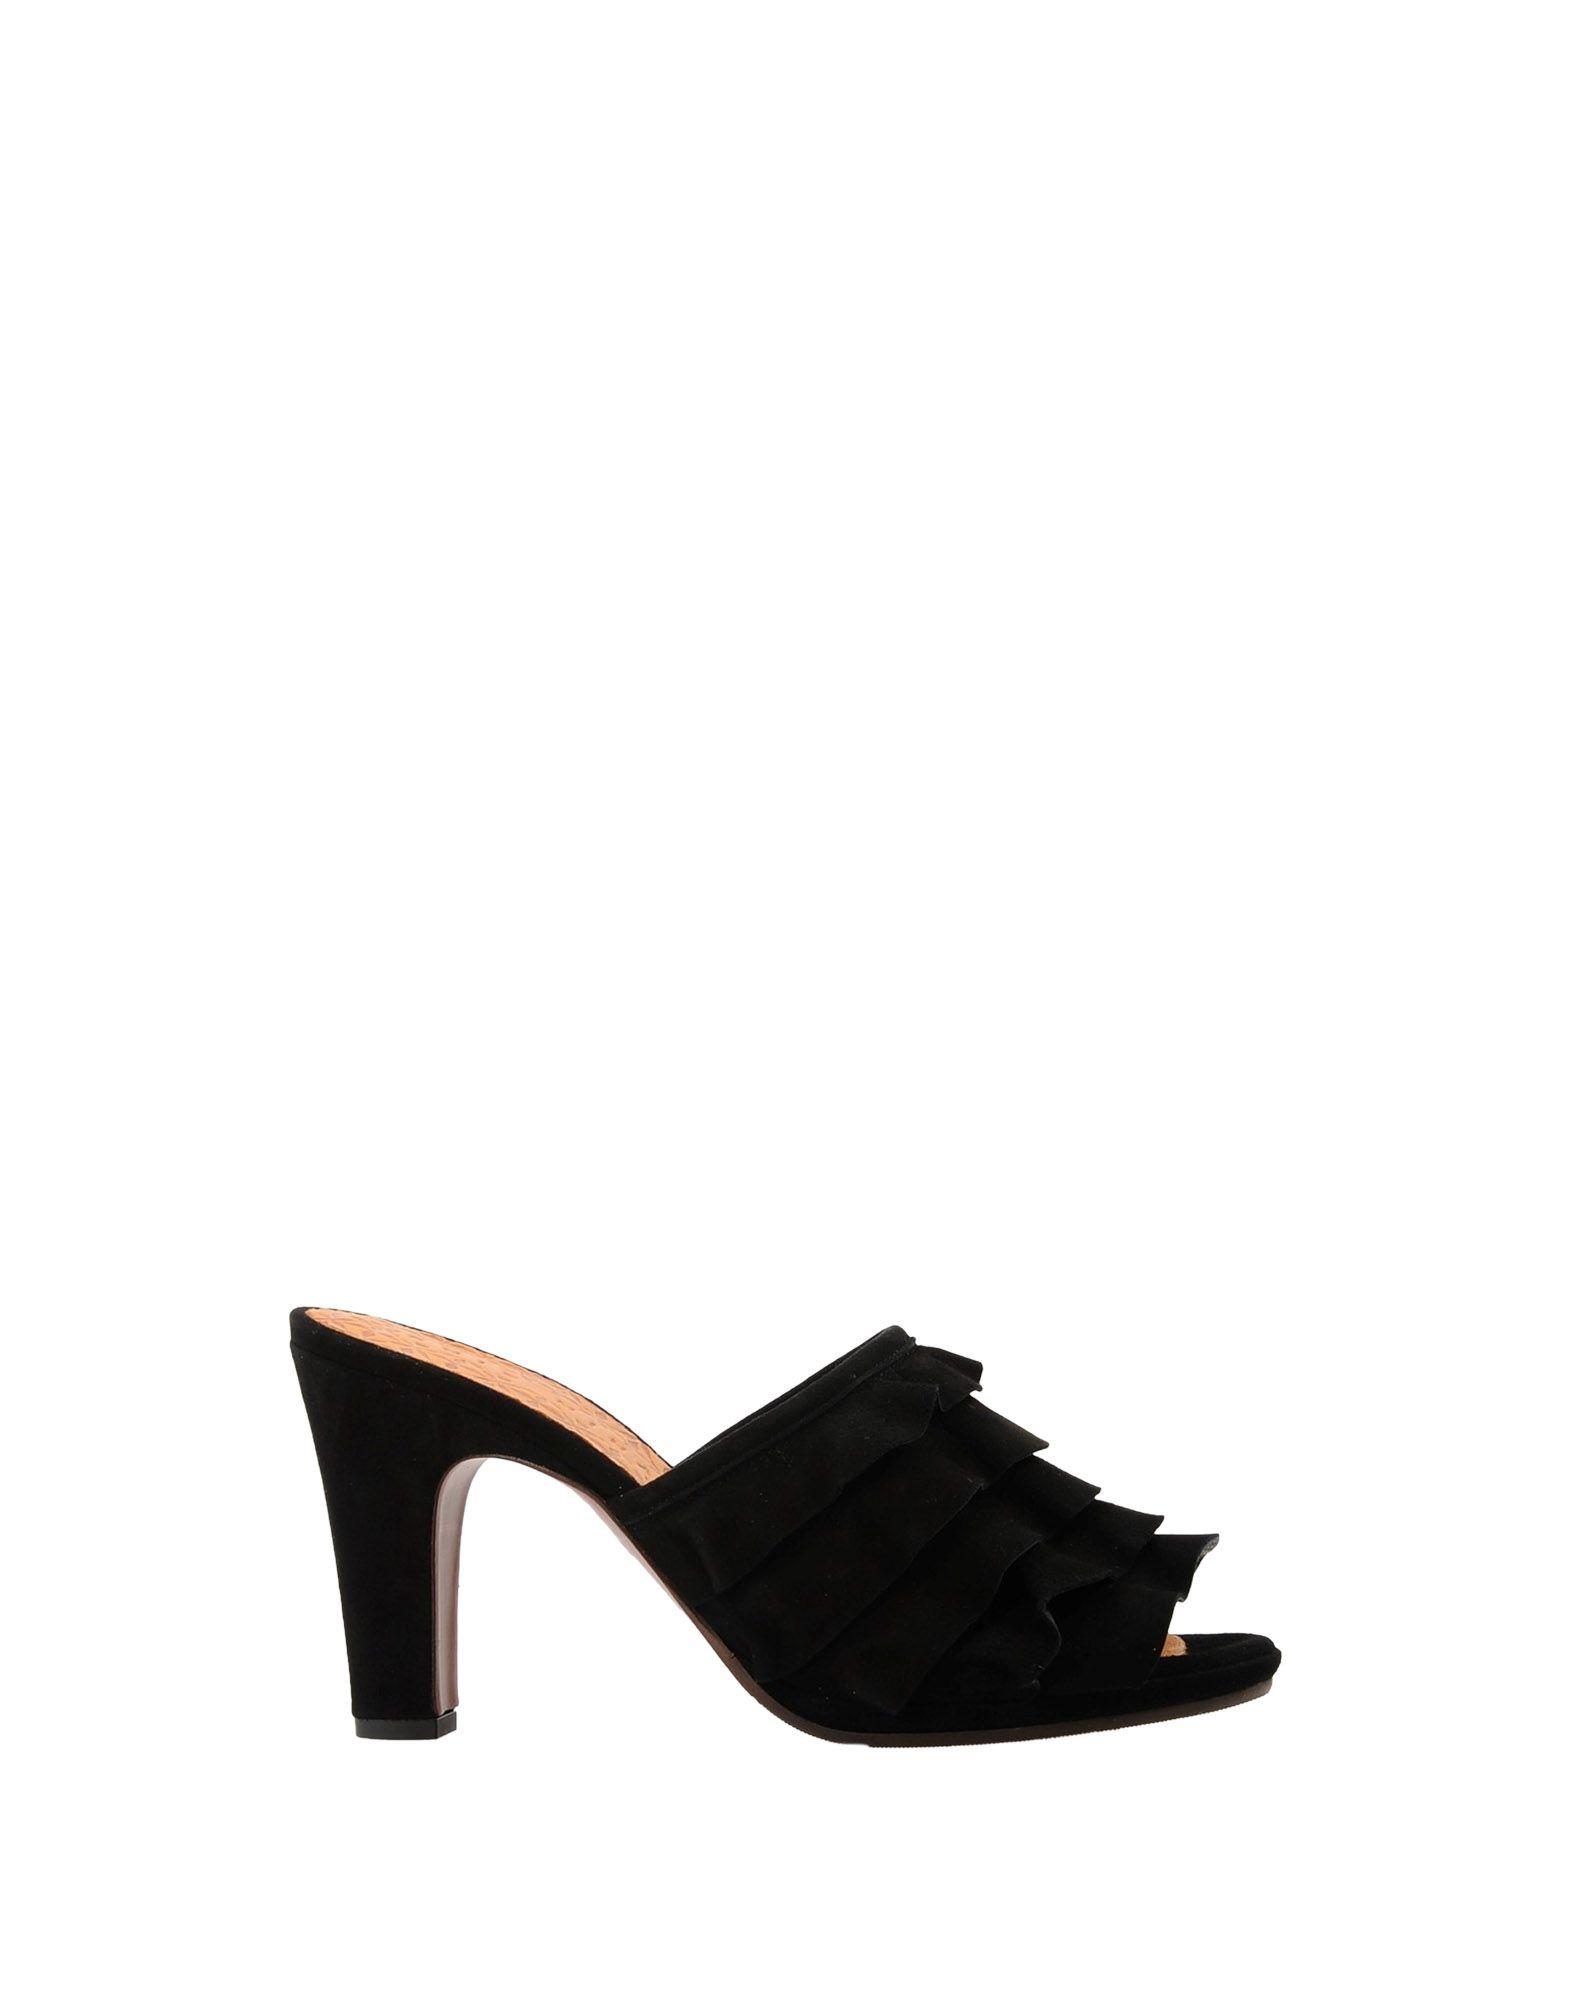 Sandales Chie Mihara Abeja - Femme - Sandales Chie Mihara sur